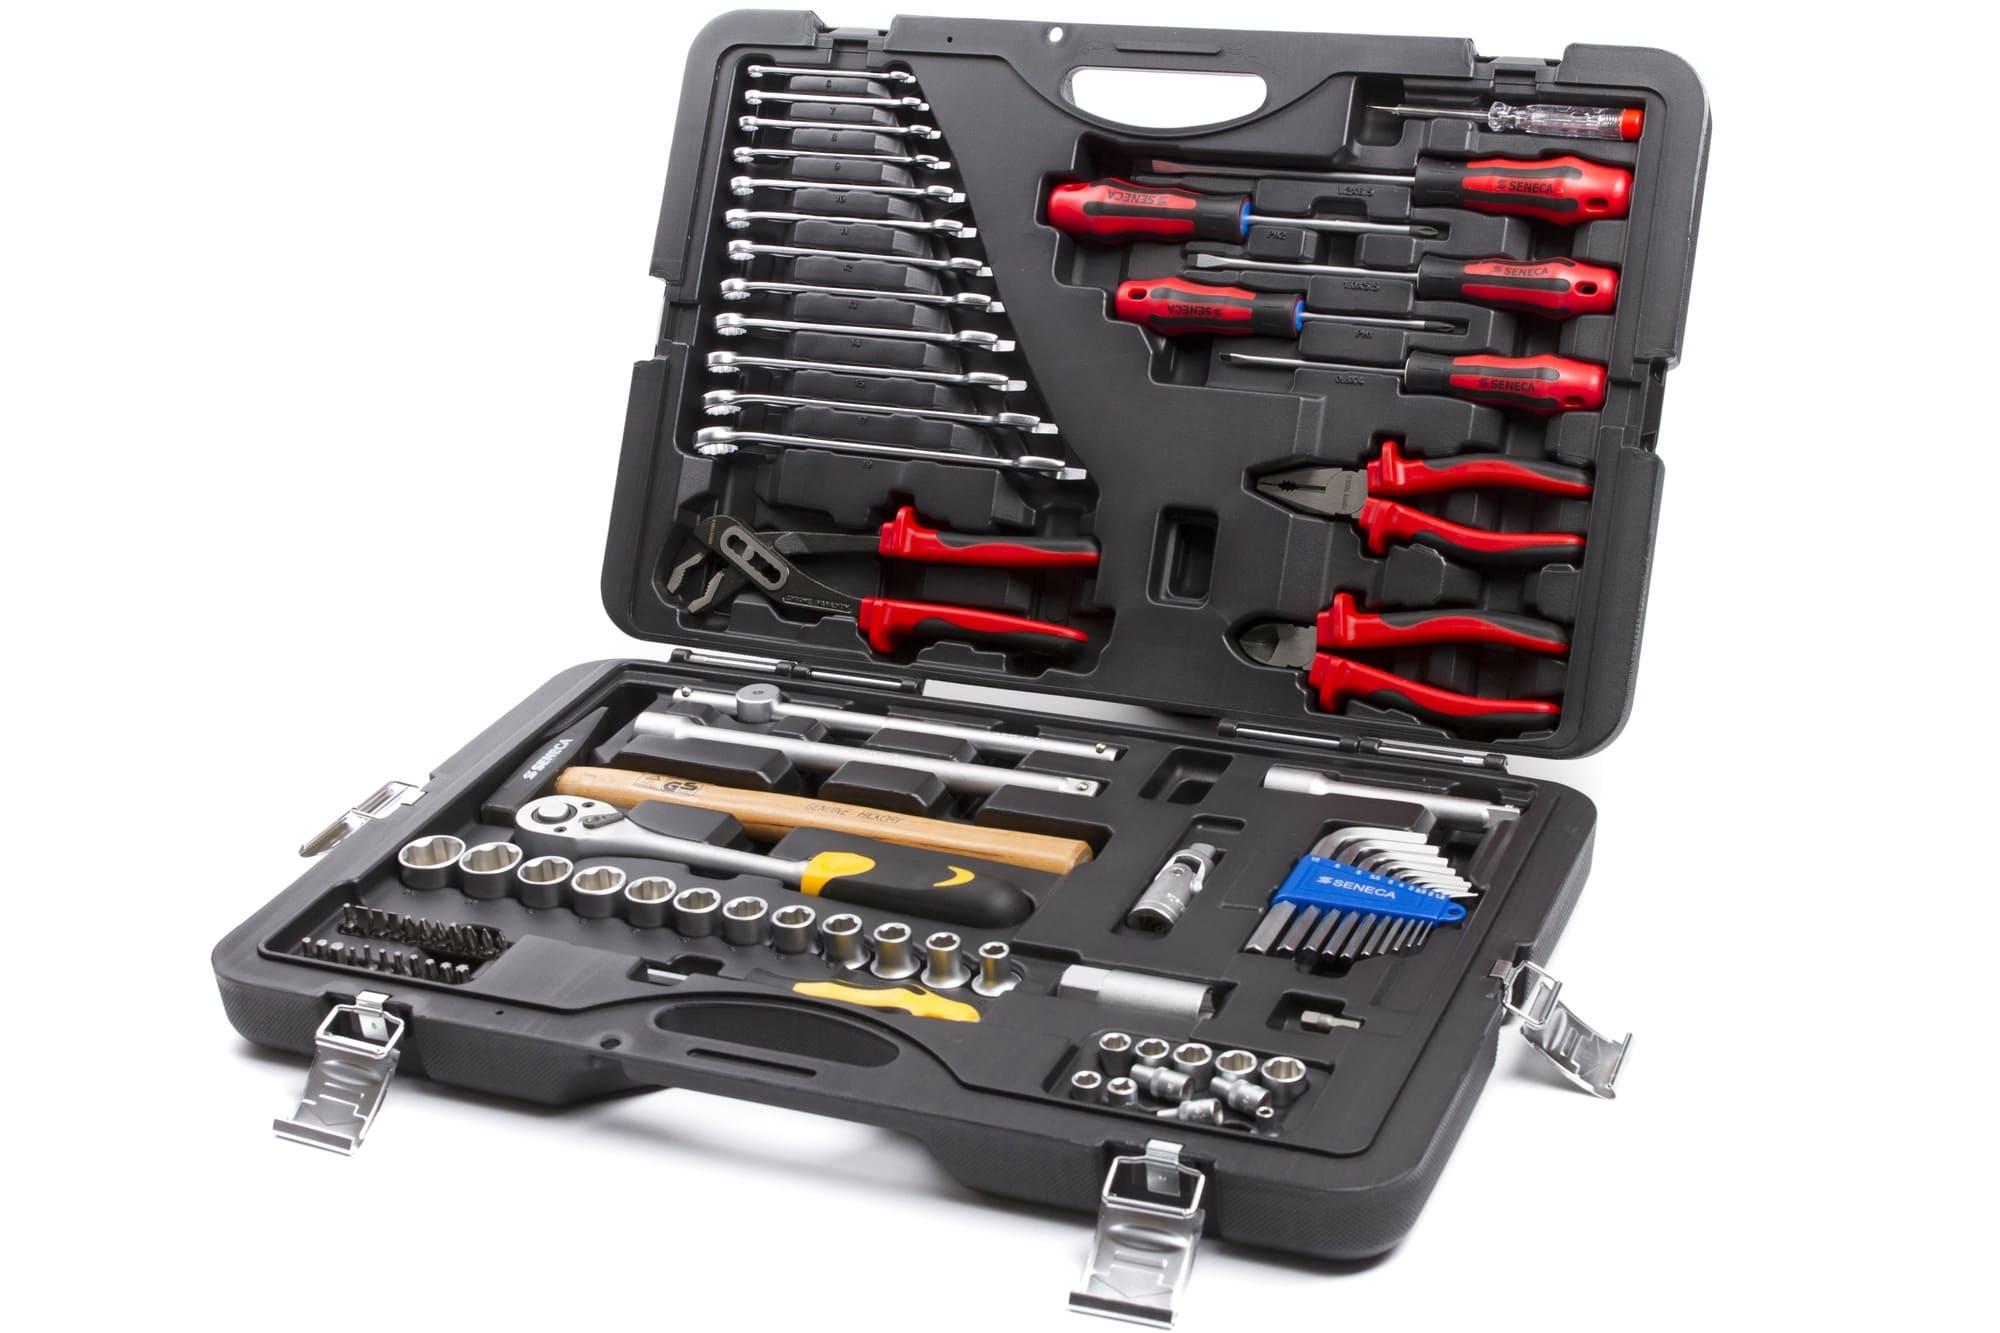 väikelaeva-tööriistad-tööriistakast-koos-lehtvõtmete-ning-mustrivõtmetega